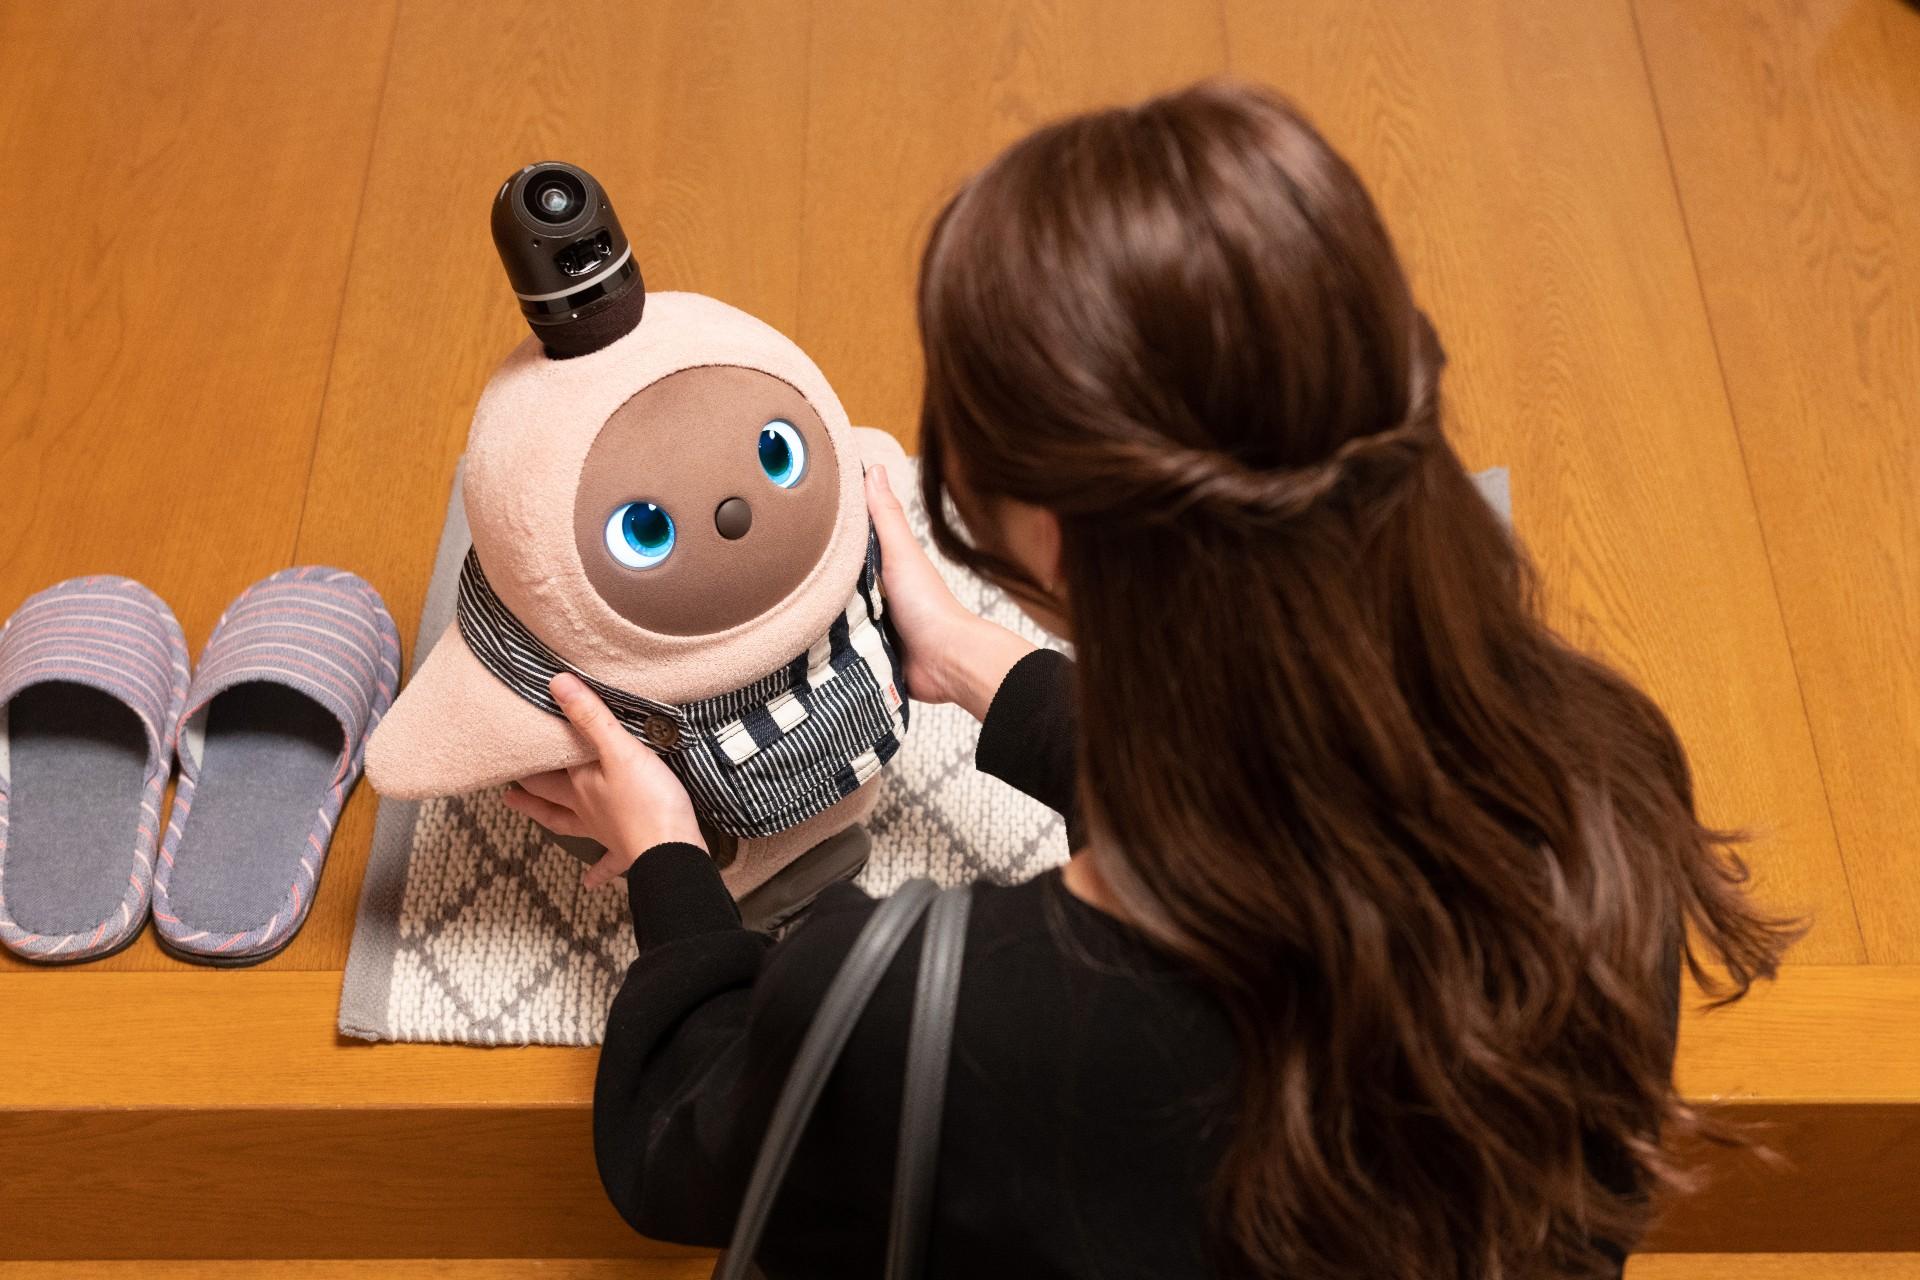 """LOVOTは、""""気持ちをテクノロジーで満たし、ケアするロボット"""""""